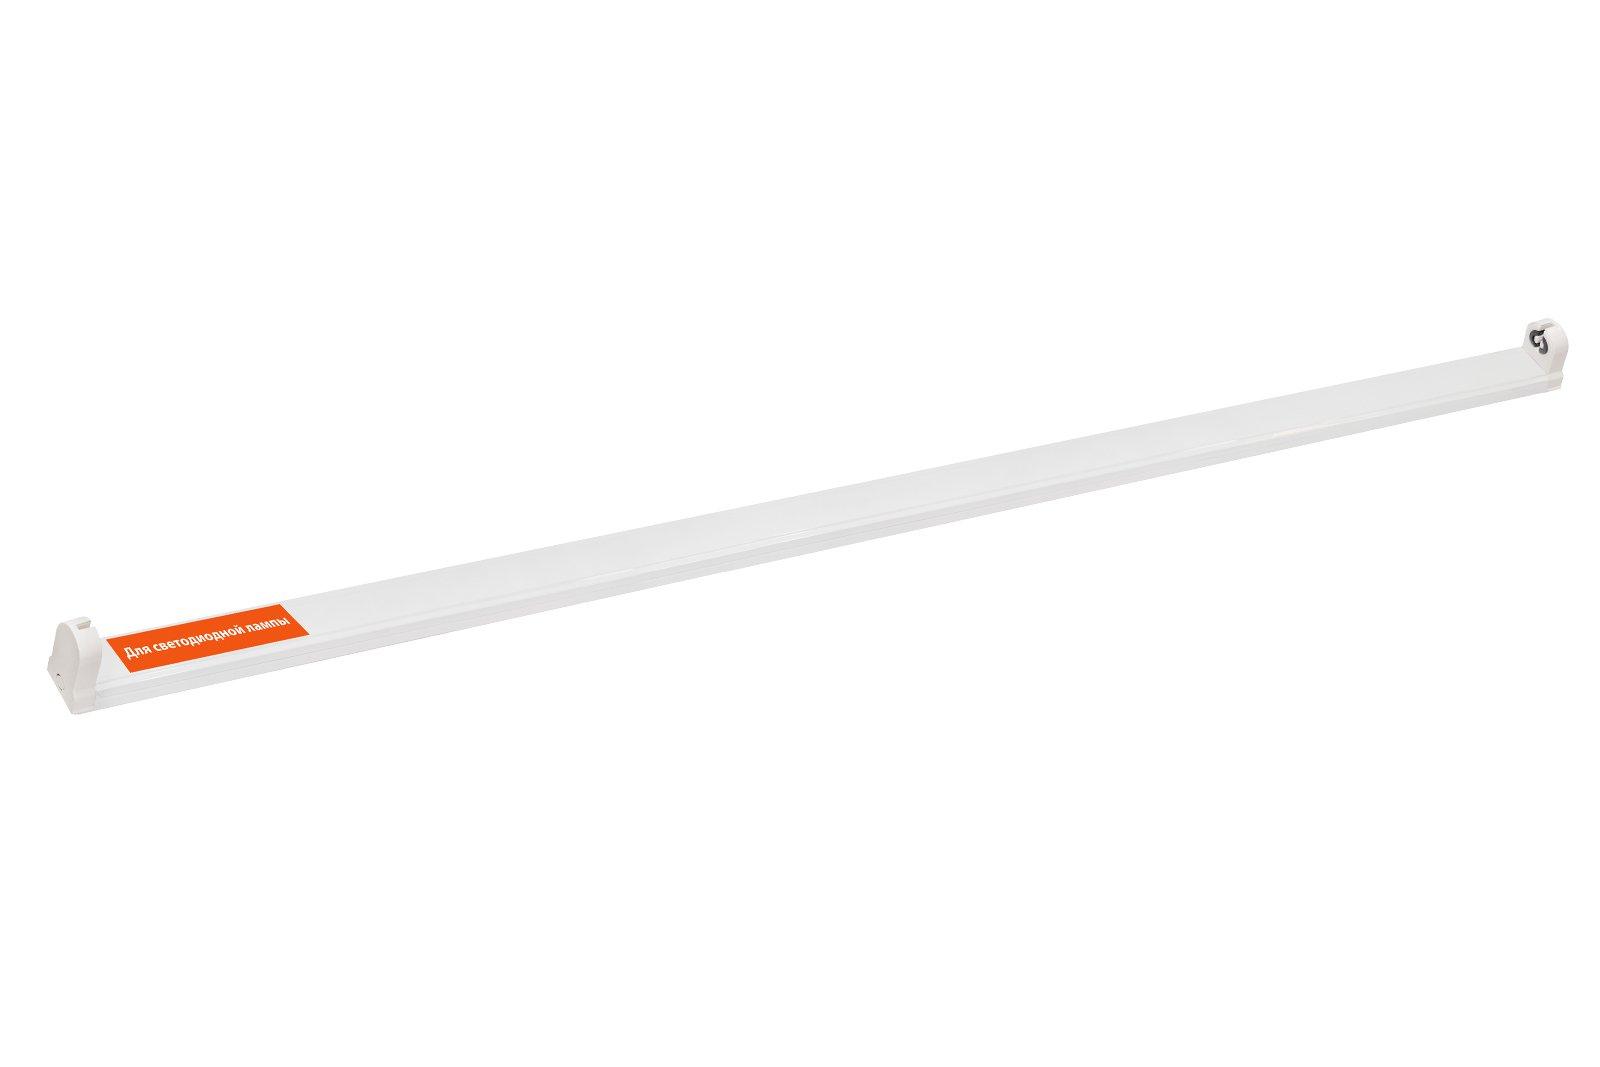 Lamp DPO 1200 230 V Under The Lamp Led T8/G13 TDM Sq0327-0202